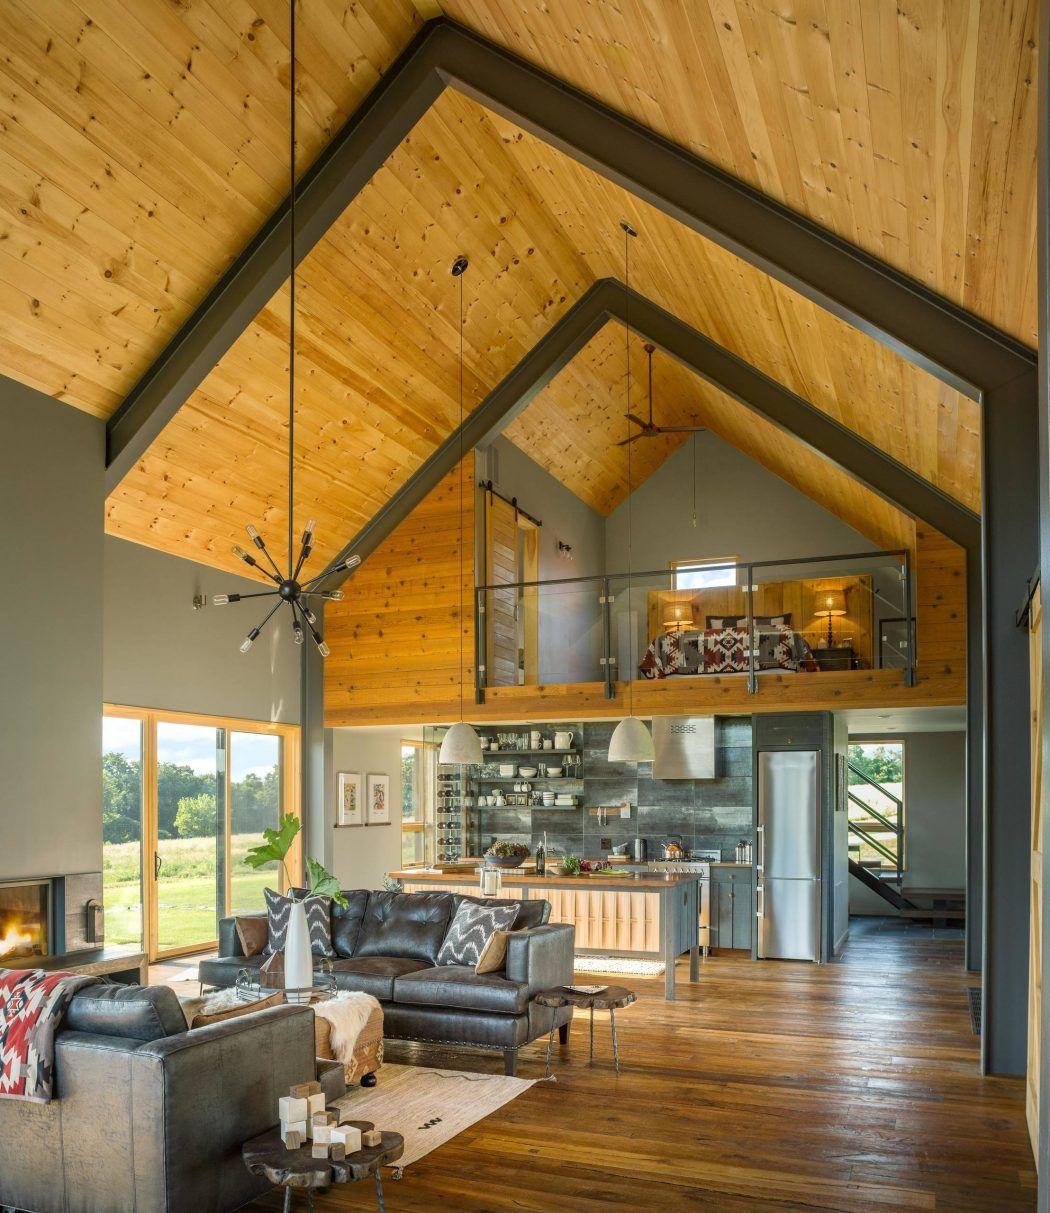 Une grange moderne dans le Vermont - PLANETE DECO a homes world ...